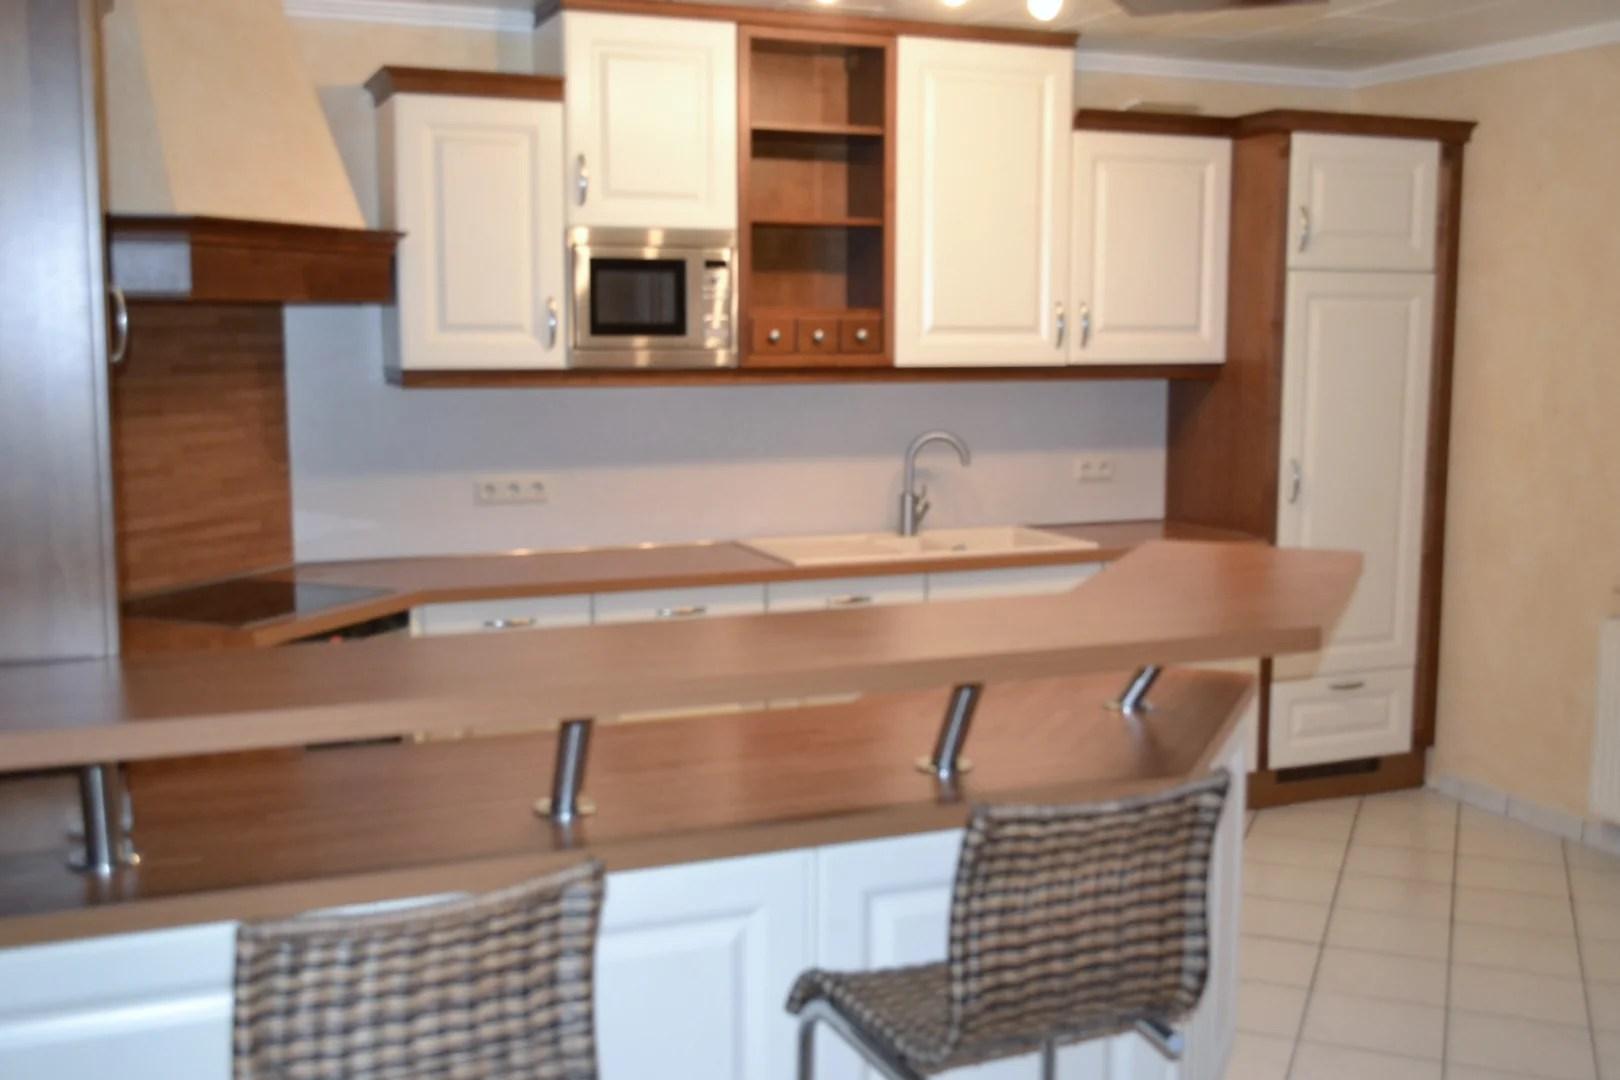 Gepflegtes Einfamilienhaus mit hochwertiger Einbauküche in Top-Lage nahe des Barßler Yachthafens zu vermieten I Exposé Nr.: 55 V 10/19